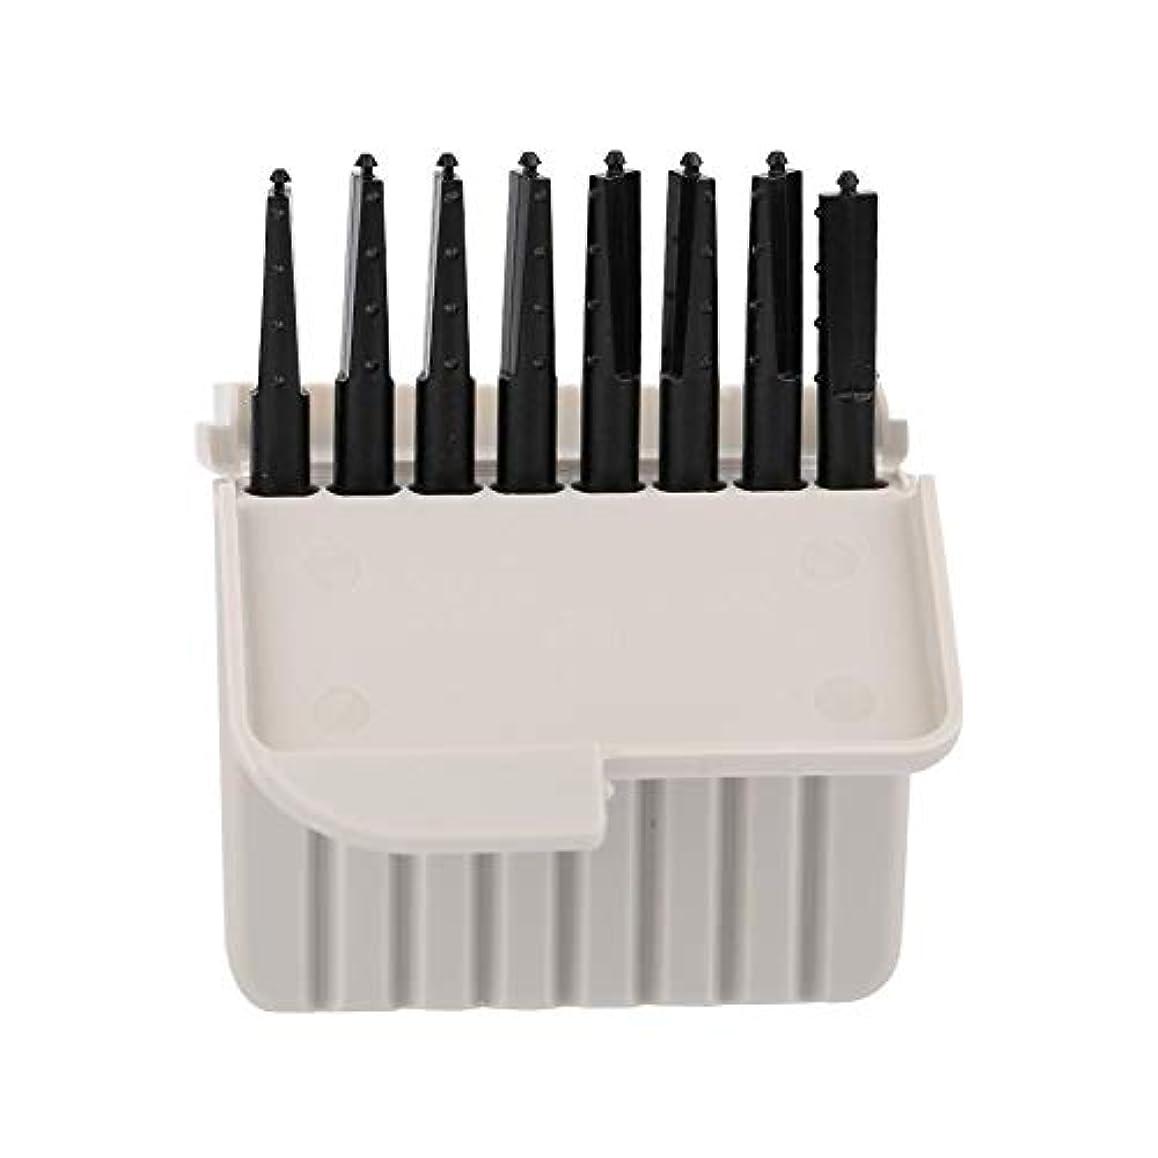 解読する廃止する浅いSemmeワックスガード、8個使い捨てEarwaxフィルター補聴器アクセサリーワックスプロテクタークリーニングセット